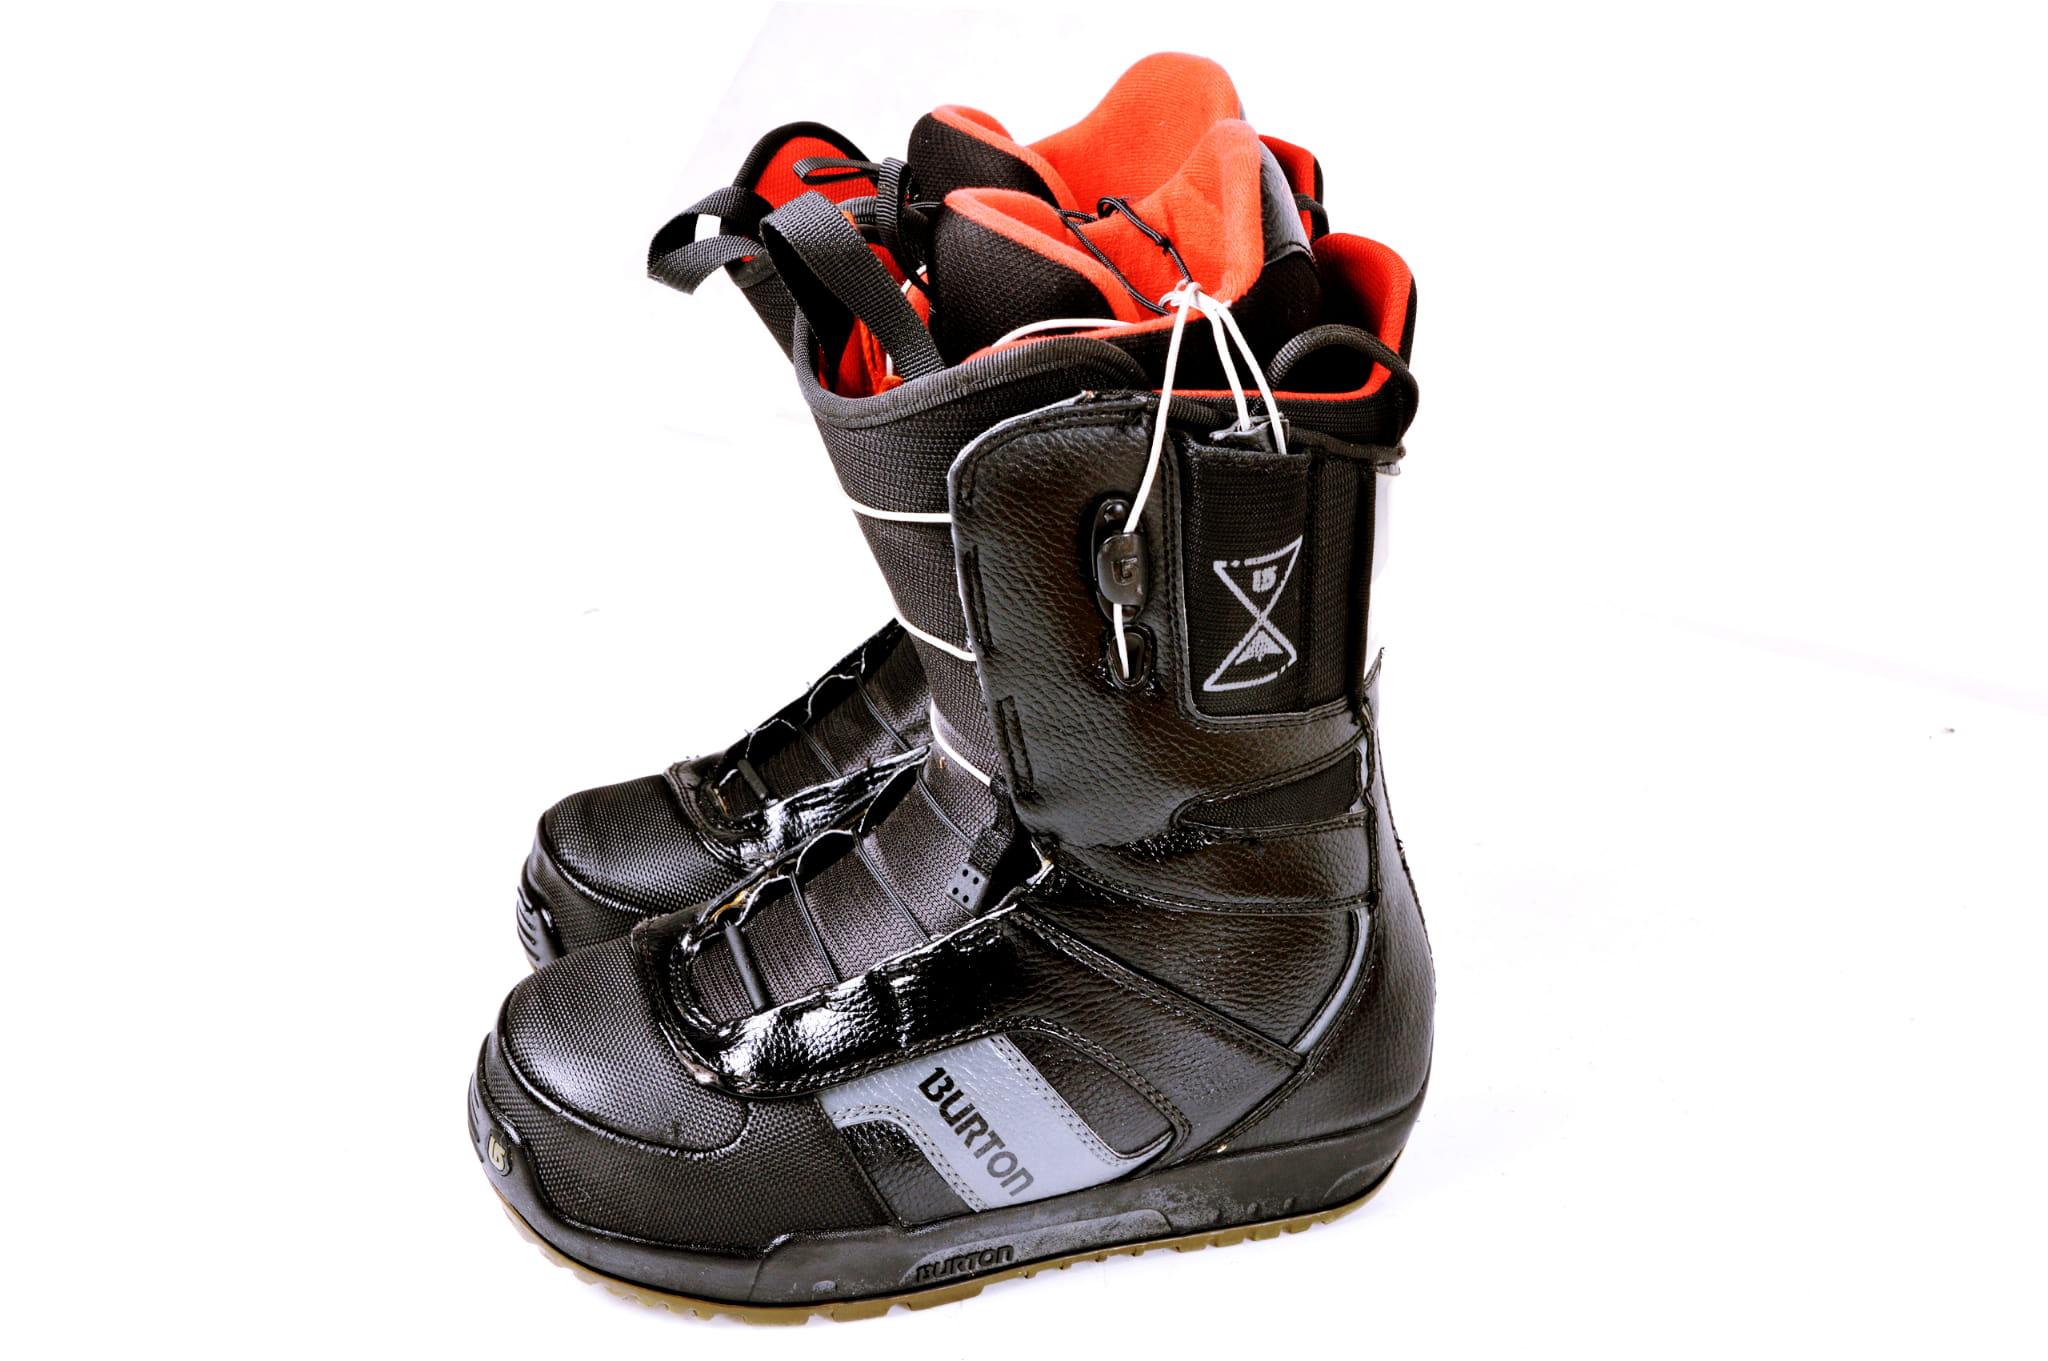 Buty Snowboardowe Burton Imprint 1 R 25 40 Z18 Sklep Rowerowy Rowerynajtaniej